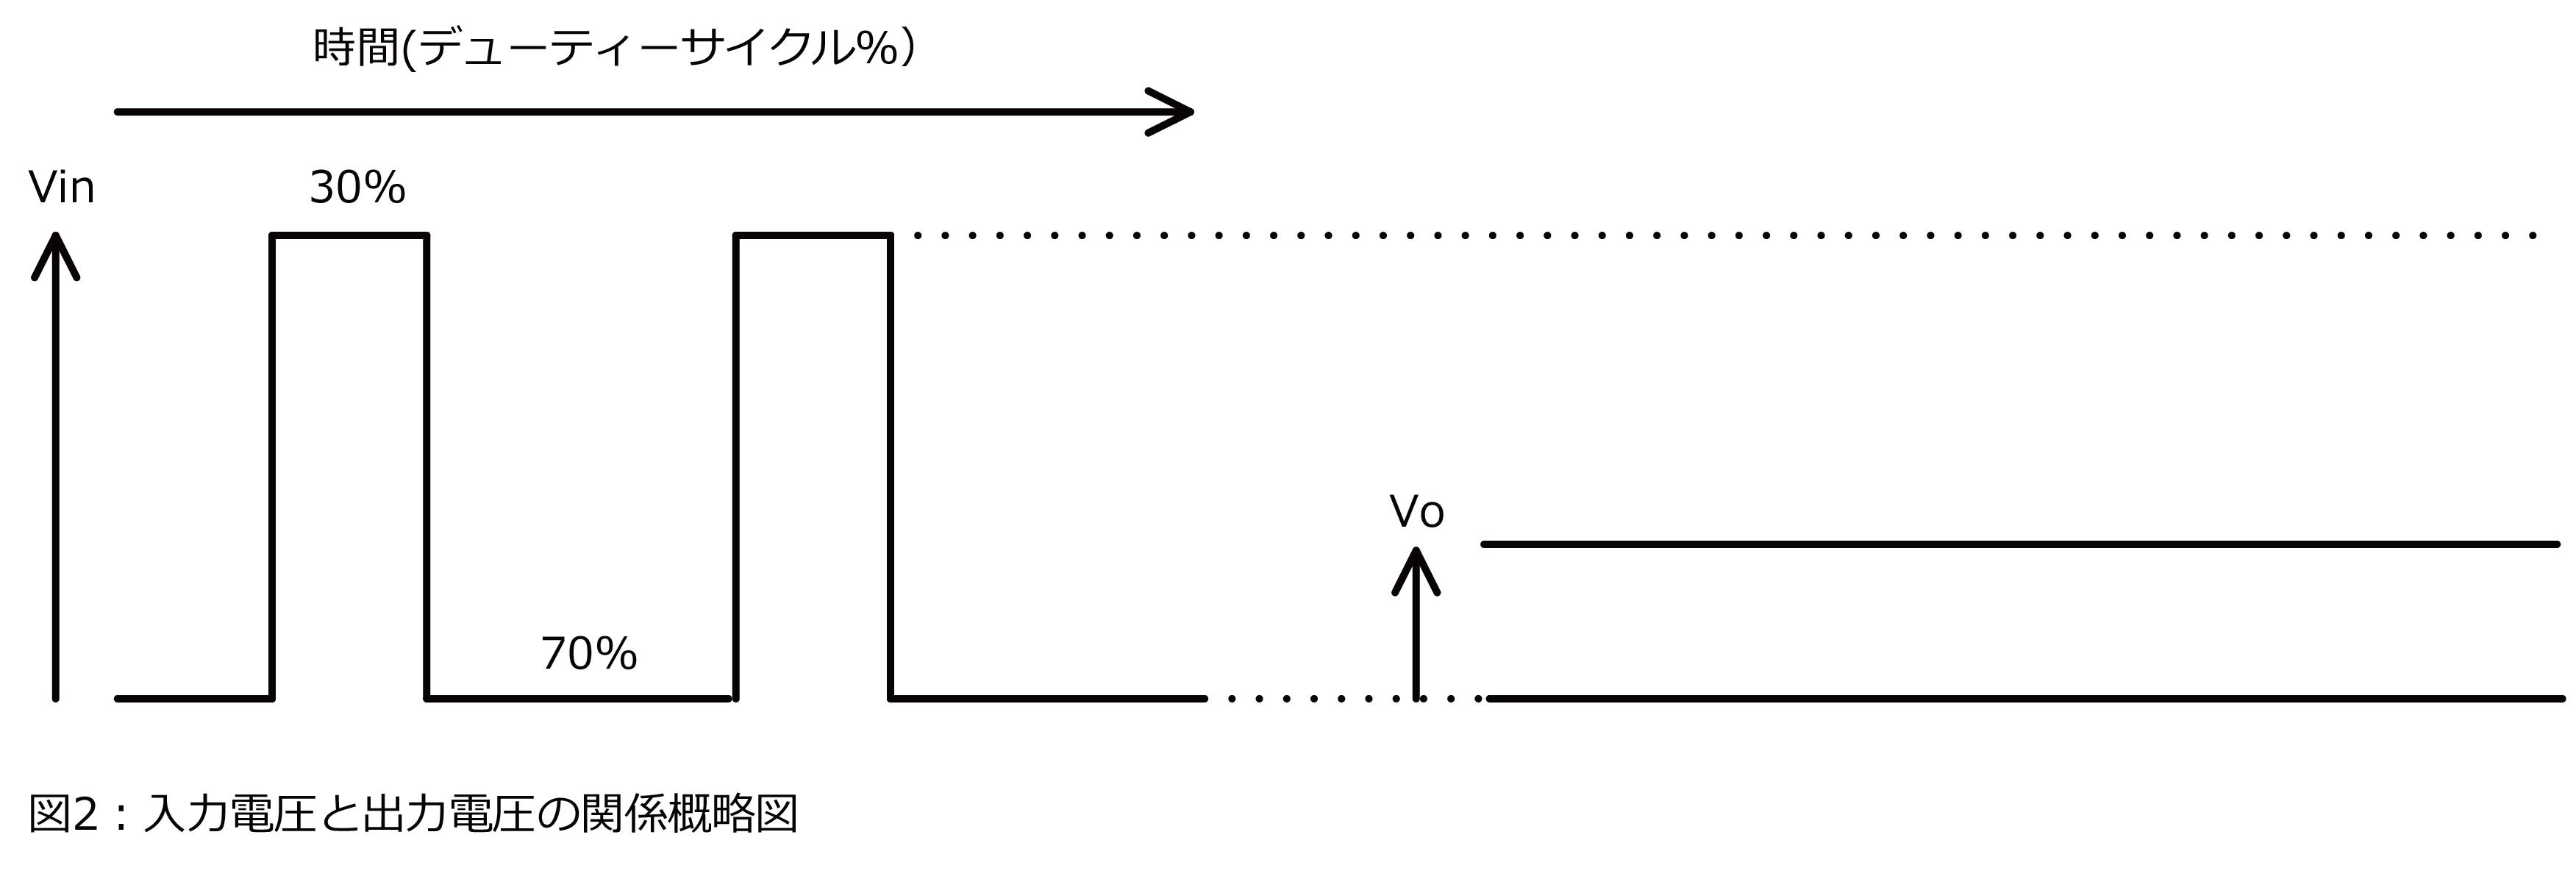 入力電圧と出力電圧の関係概略図